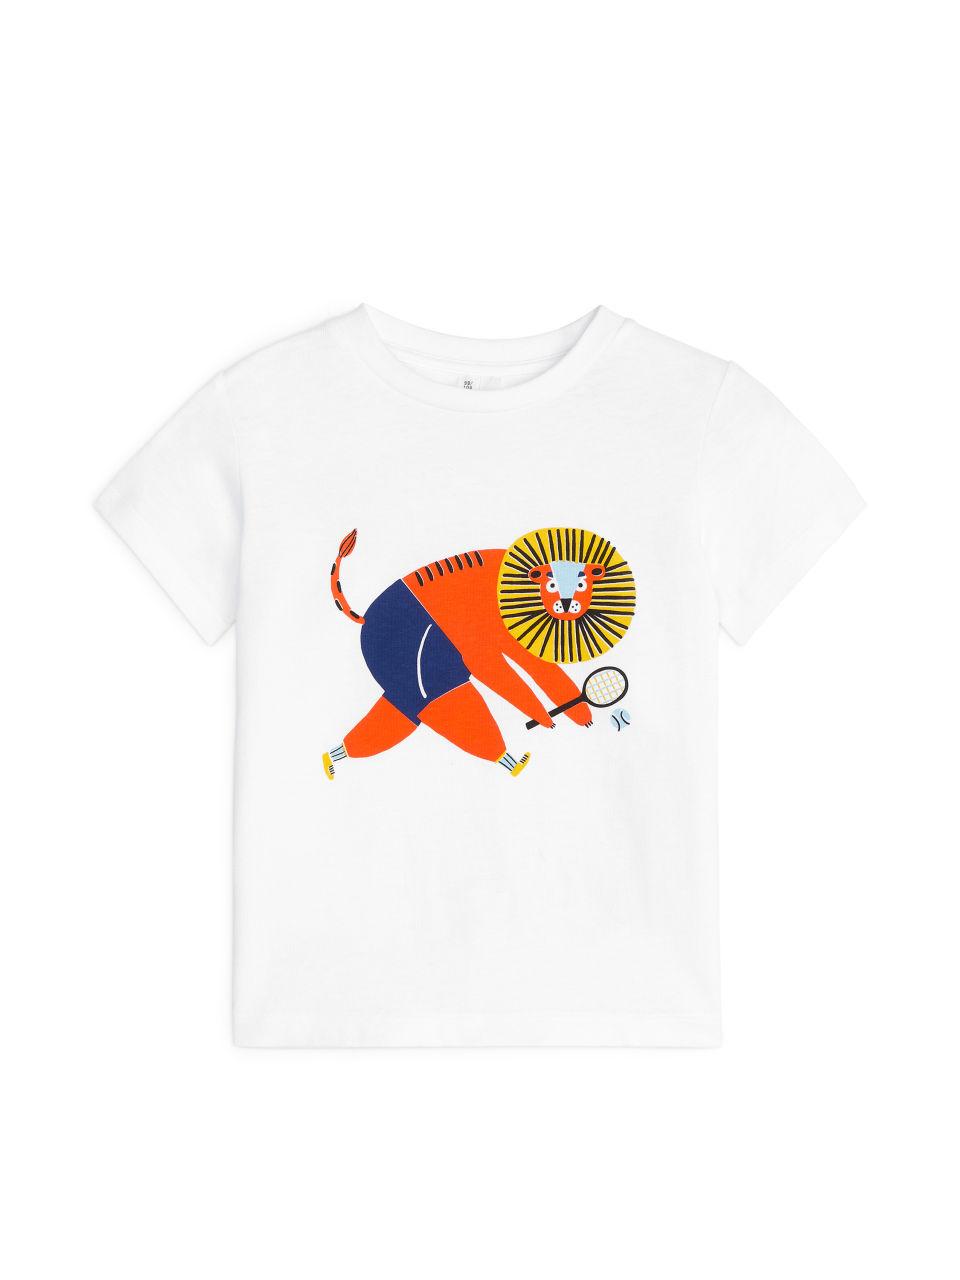 Artist Edition T-Shirt - Orange